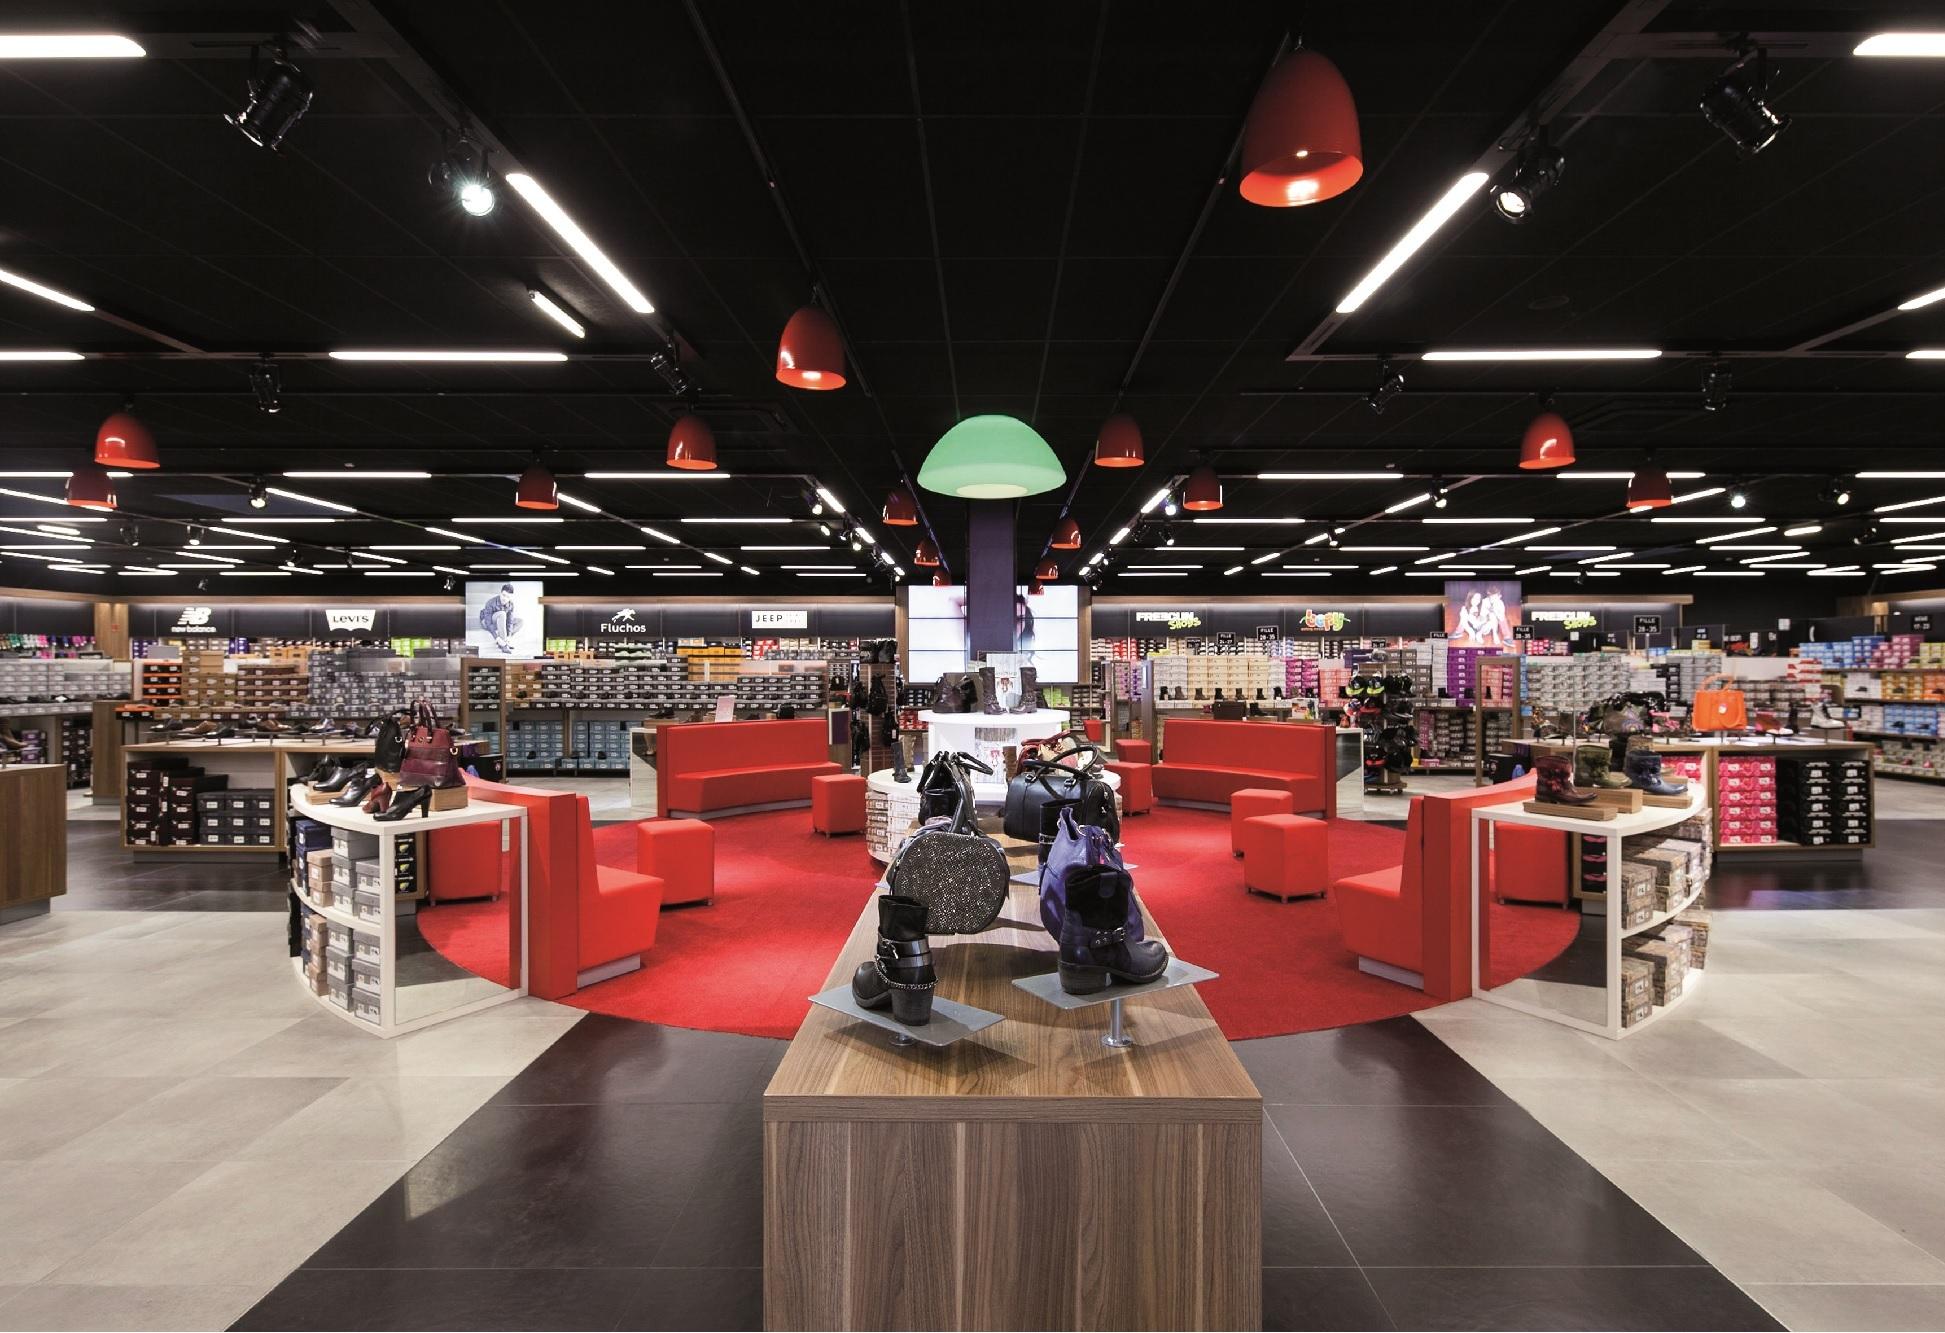 Abre la tienda de zapatos más grande de Madrid